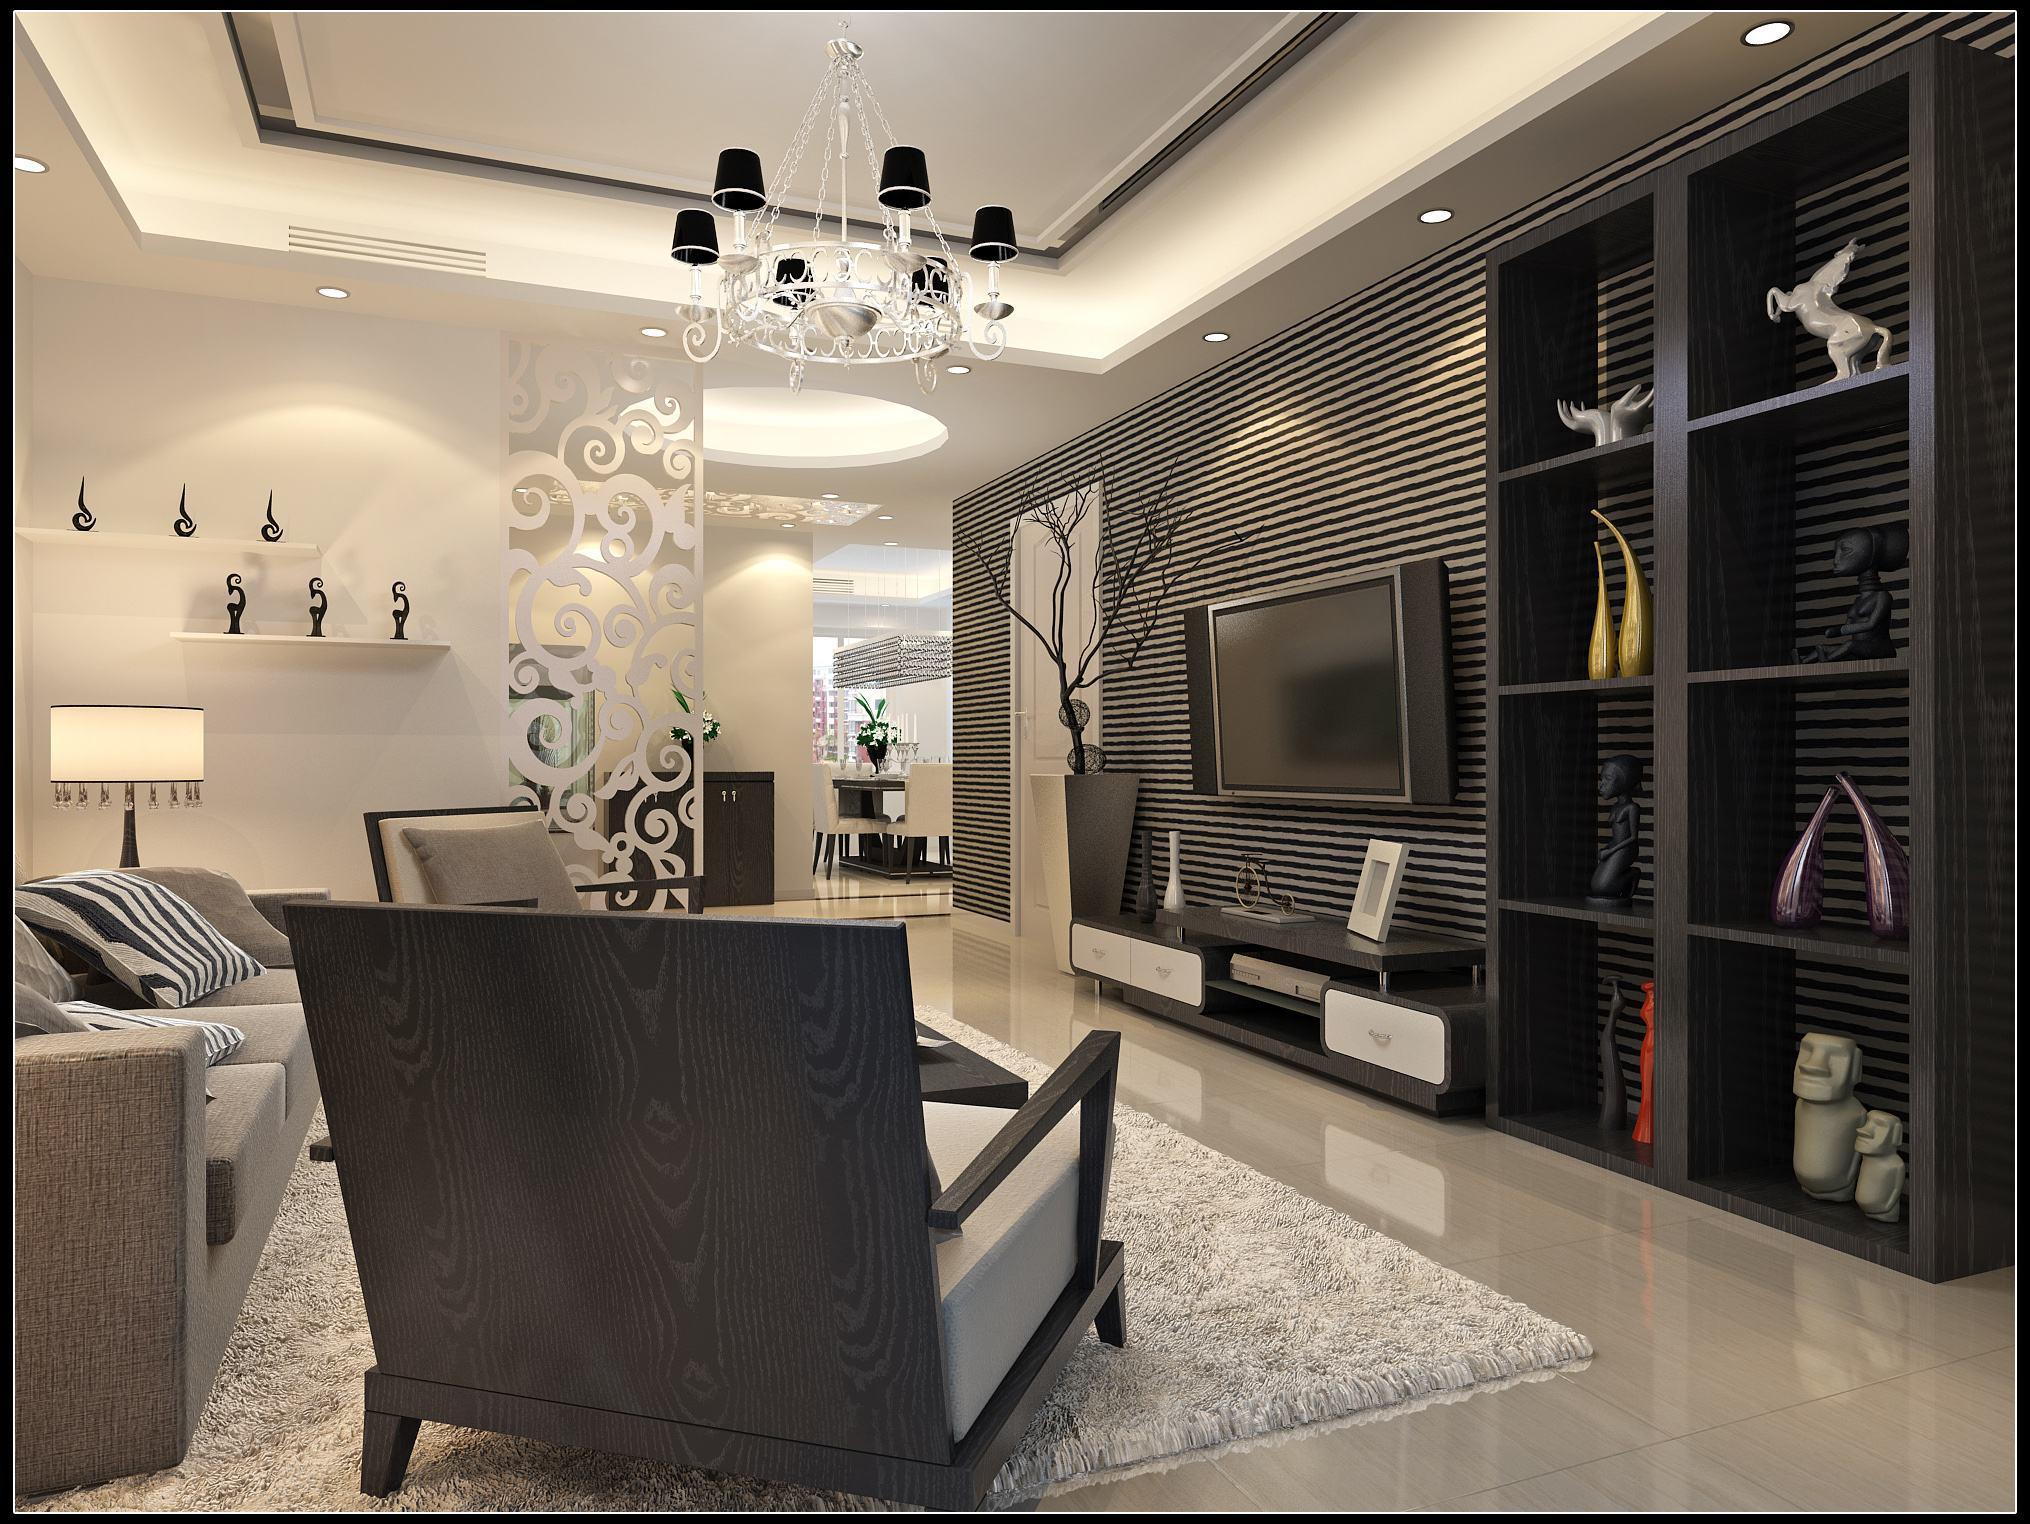 客厅与餐厅电视隔断装修效果图欣赏,客厅和餐厅电视隔断装修效果图欣赏